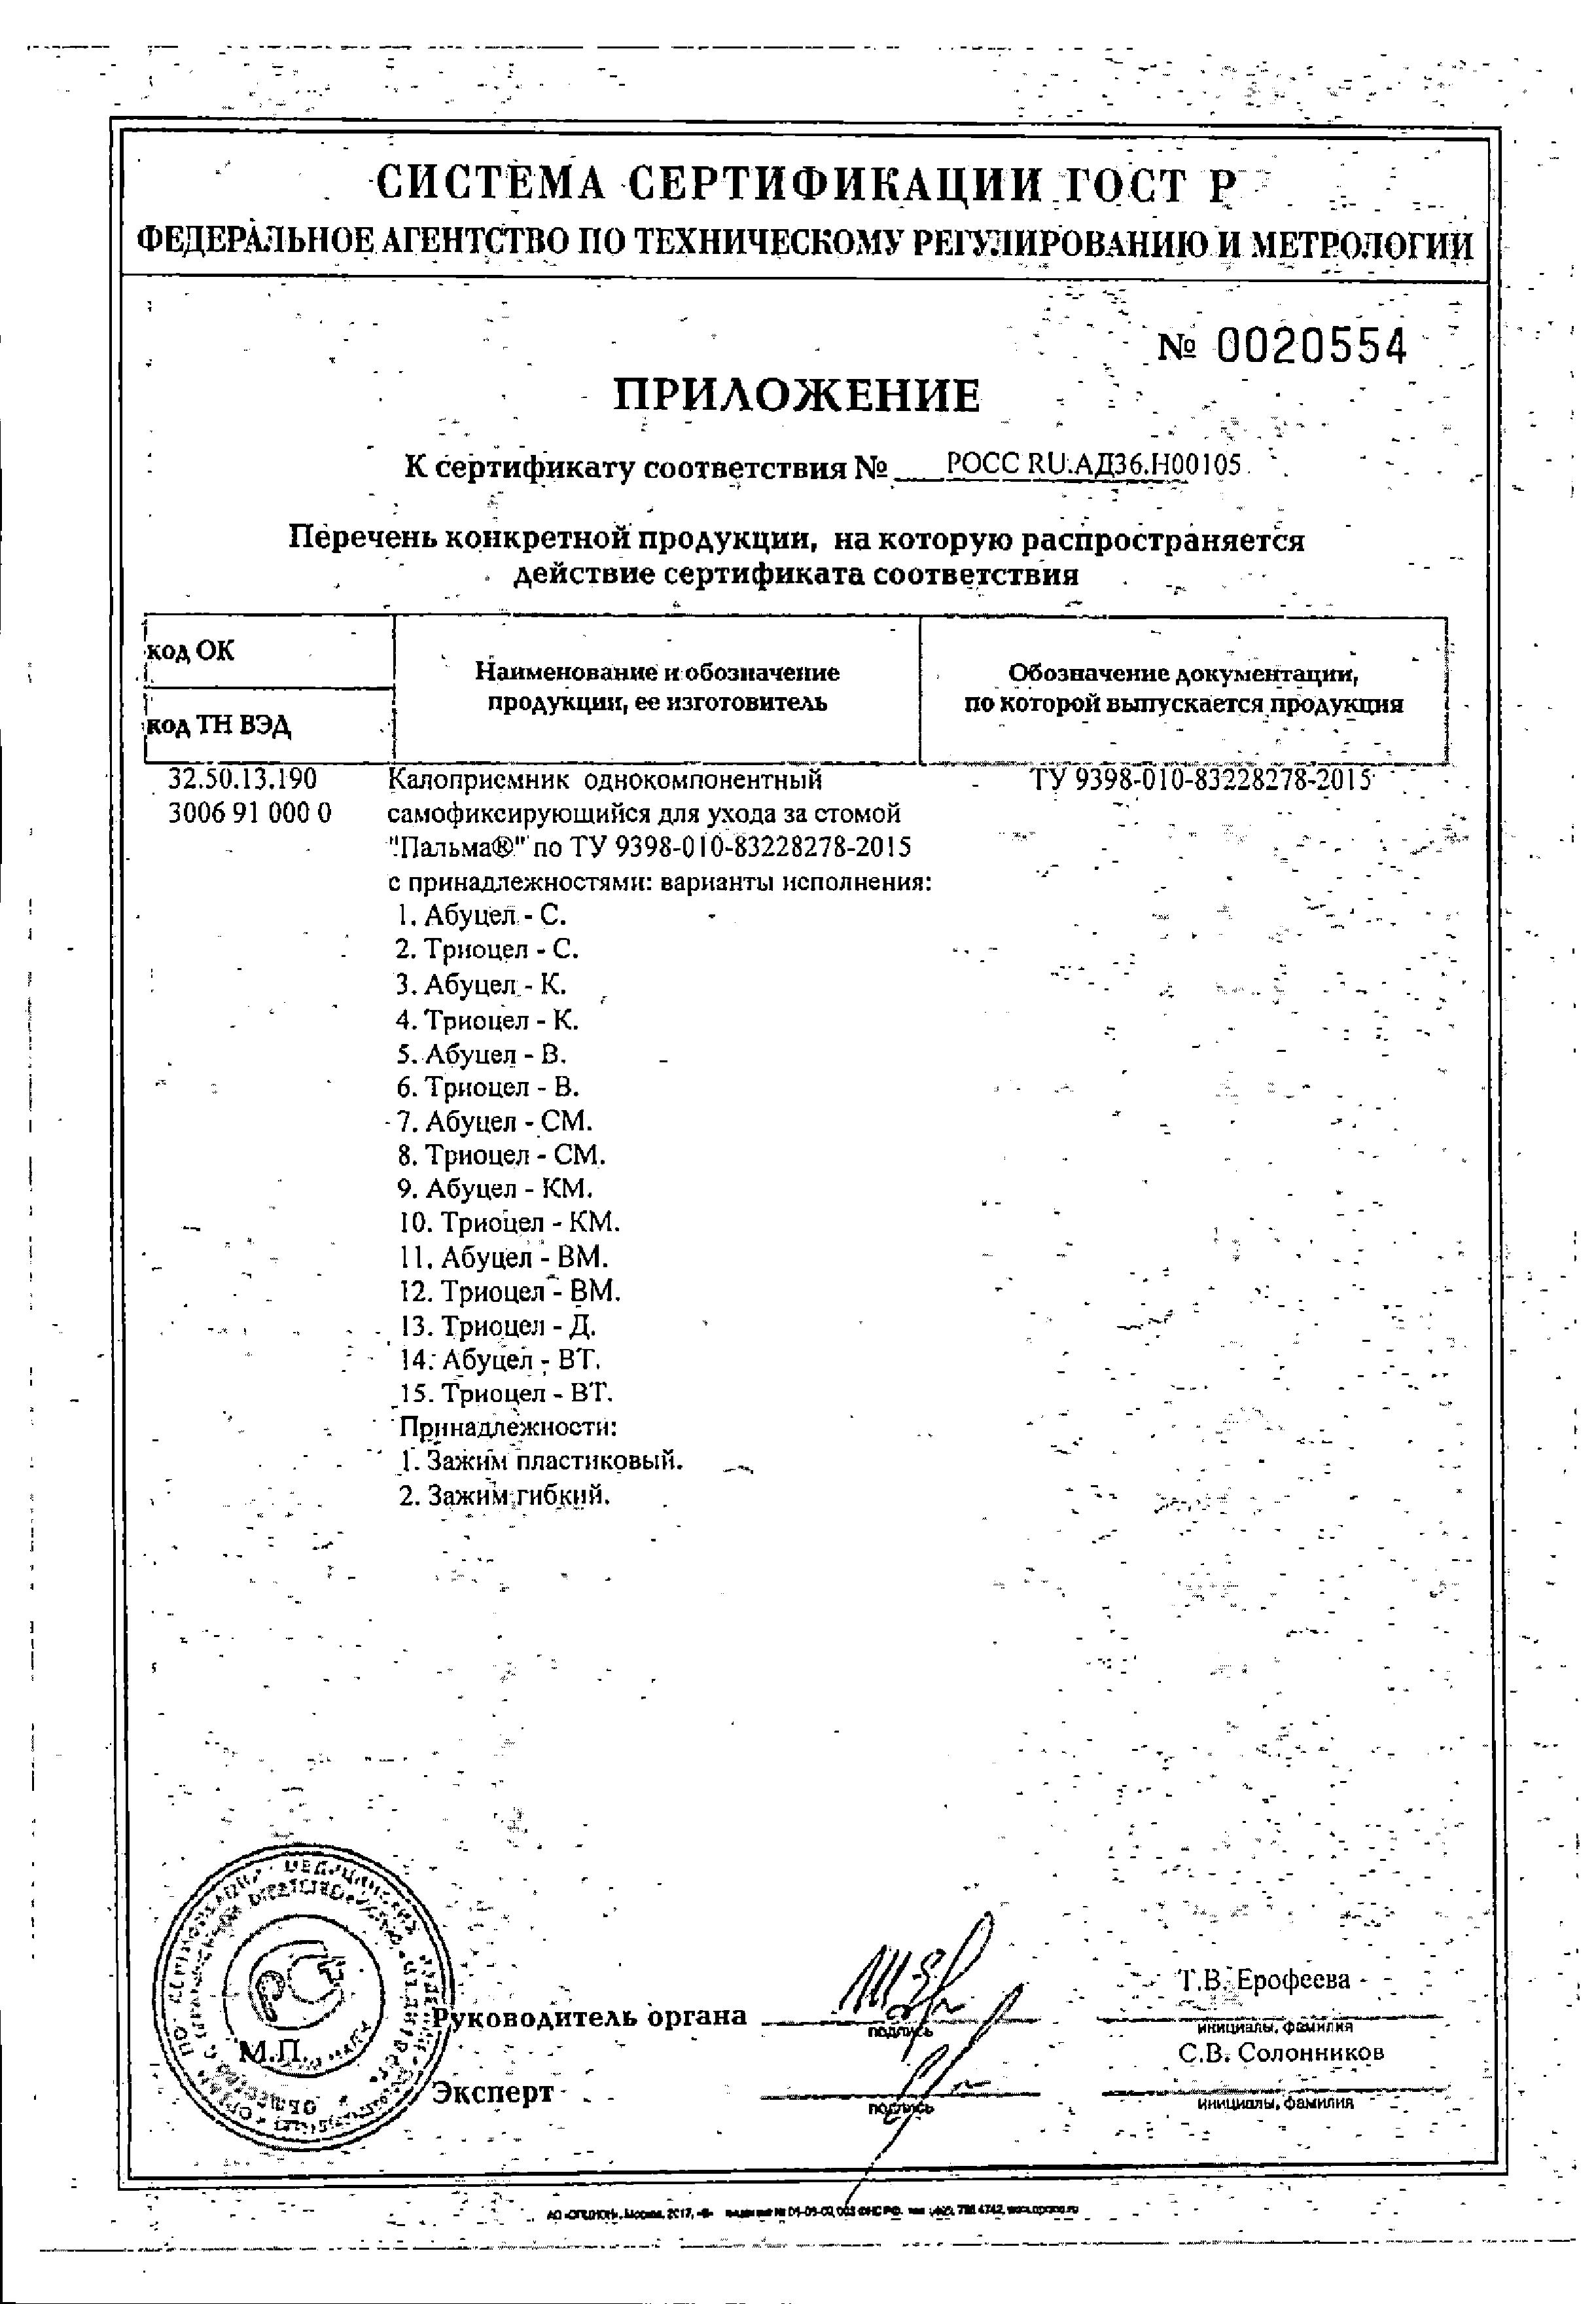 Калоприемники Абуцел-К сертификат